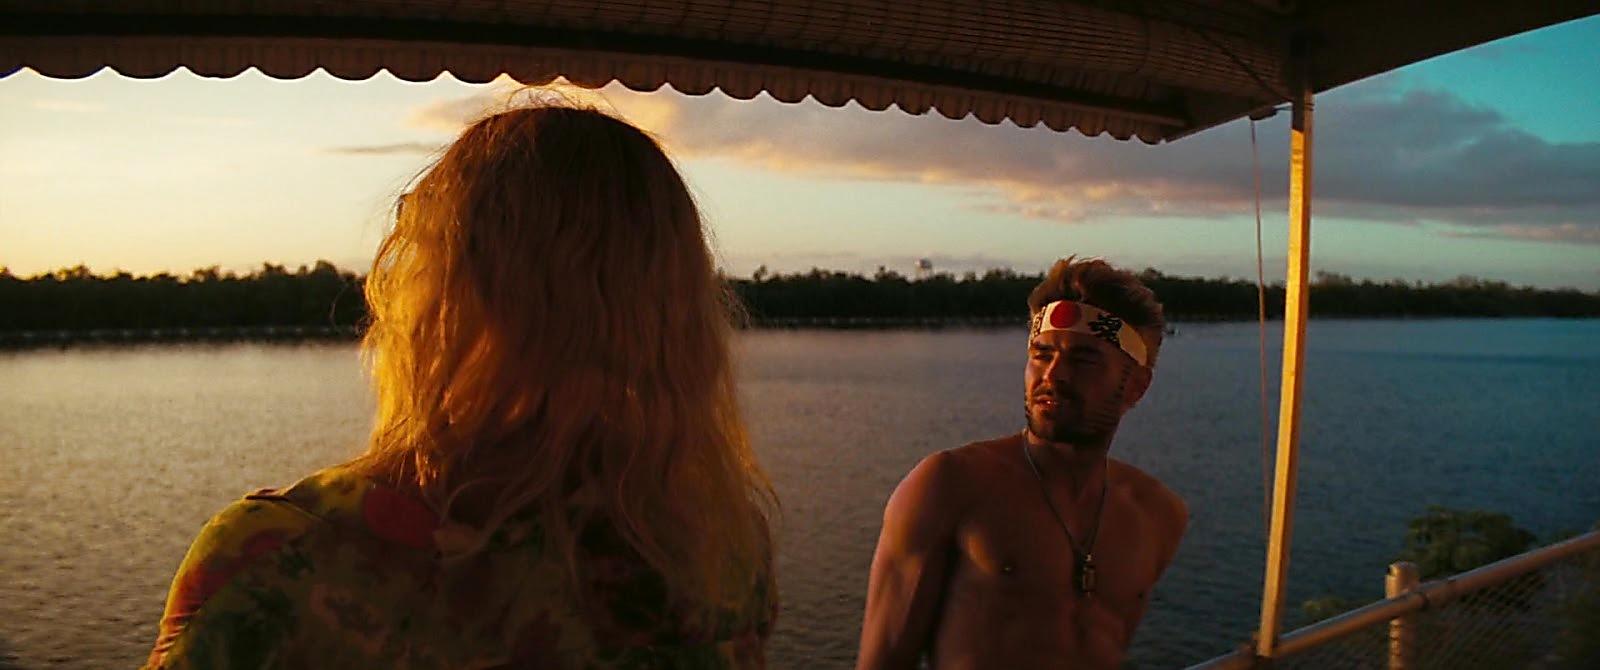 Matthew Mcconaughey sexy shirtless scene June 7, 2019, 12pm